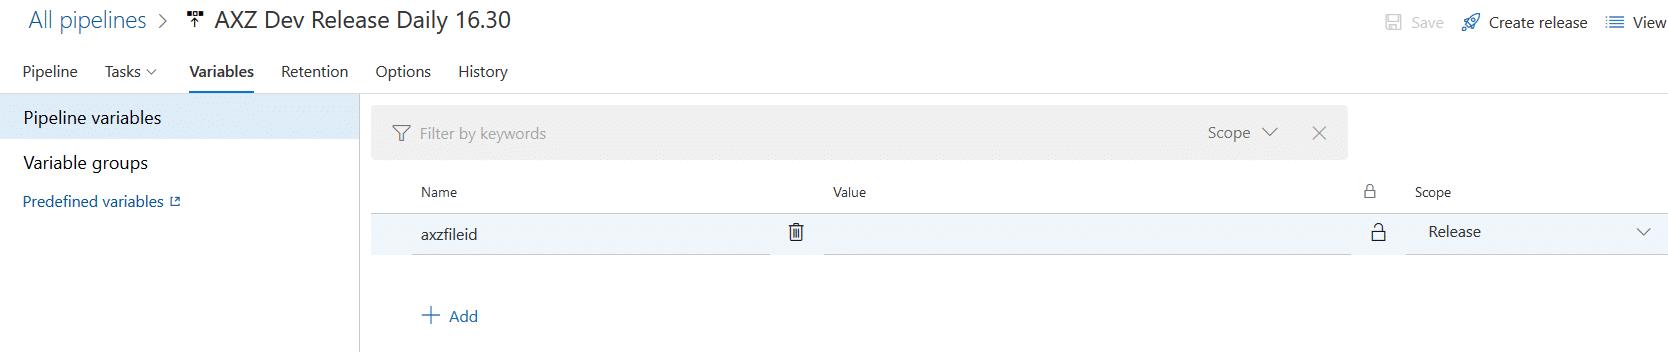 MSDyn365 & Azure DevOps ALM 43